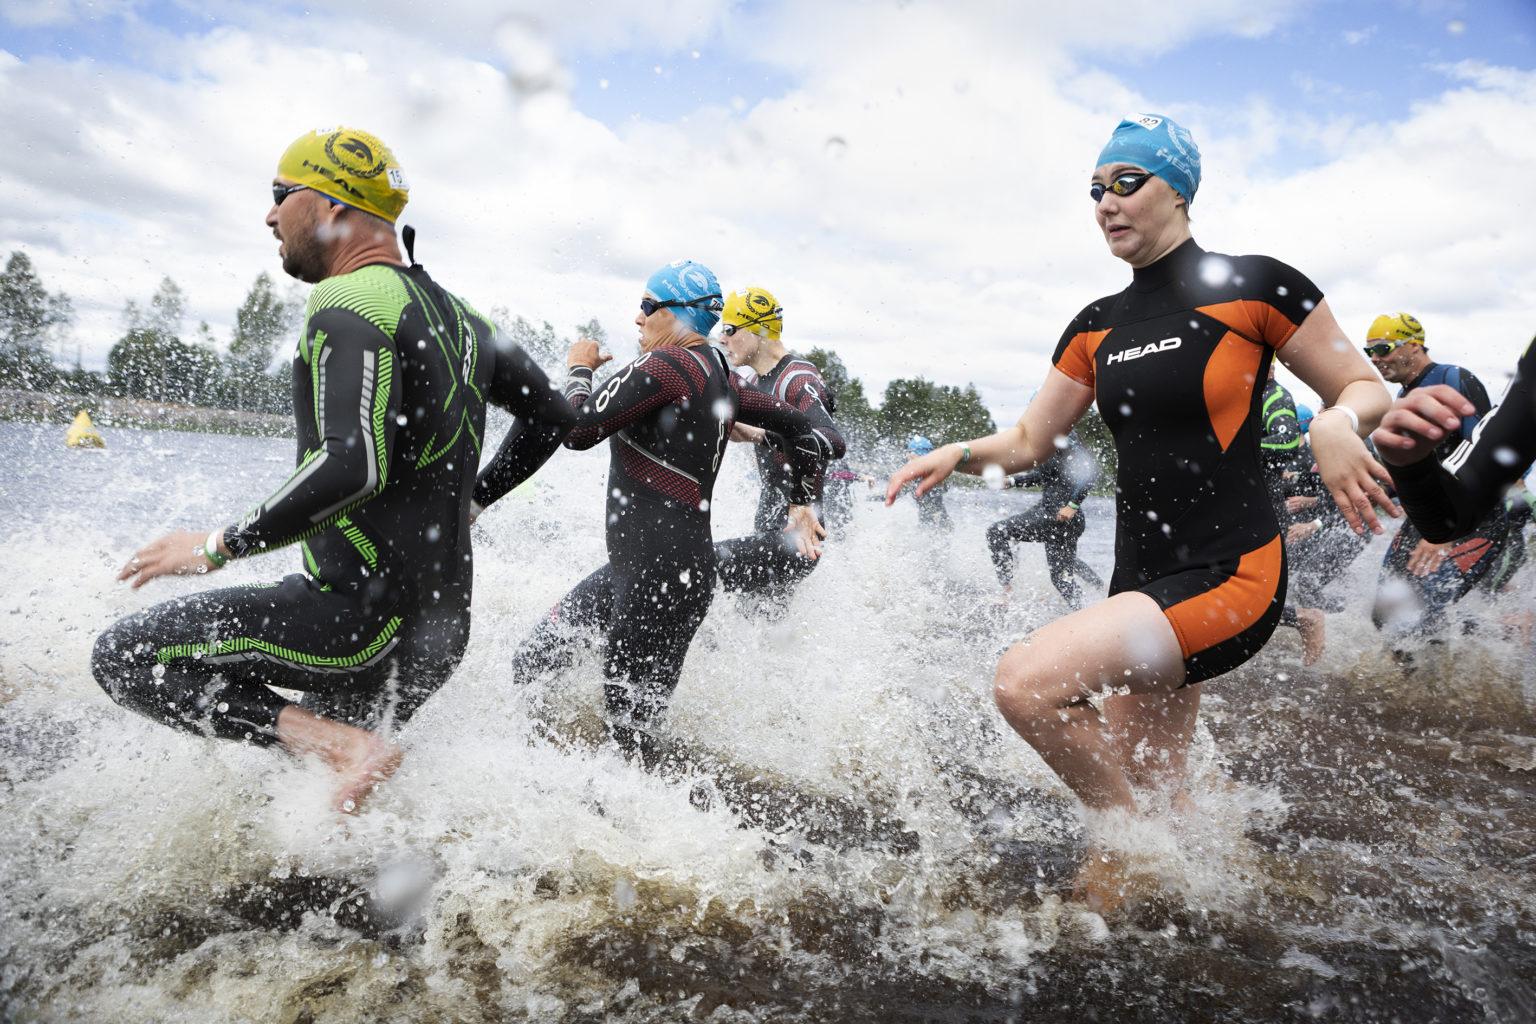 Personer i våtdräkt och badmössor springer i vattnet.